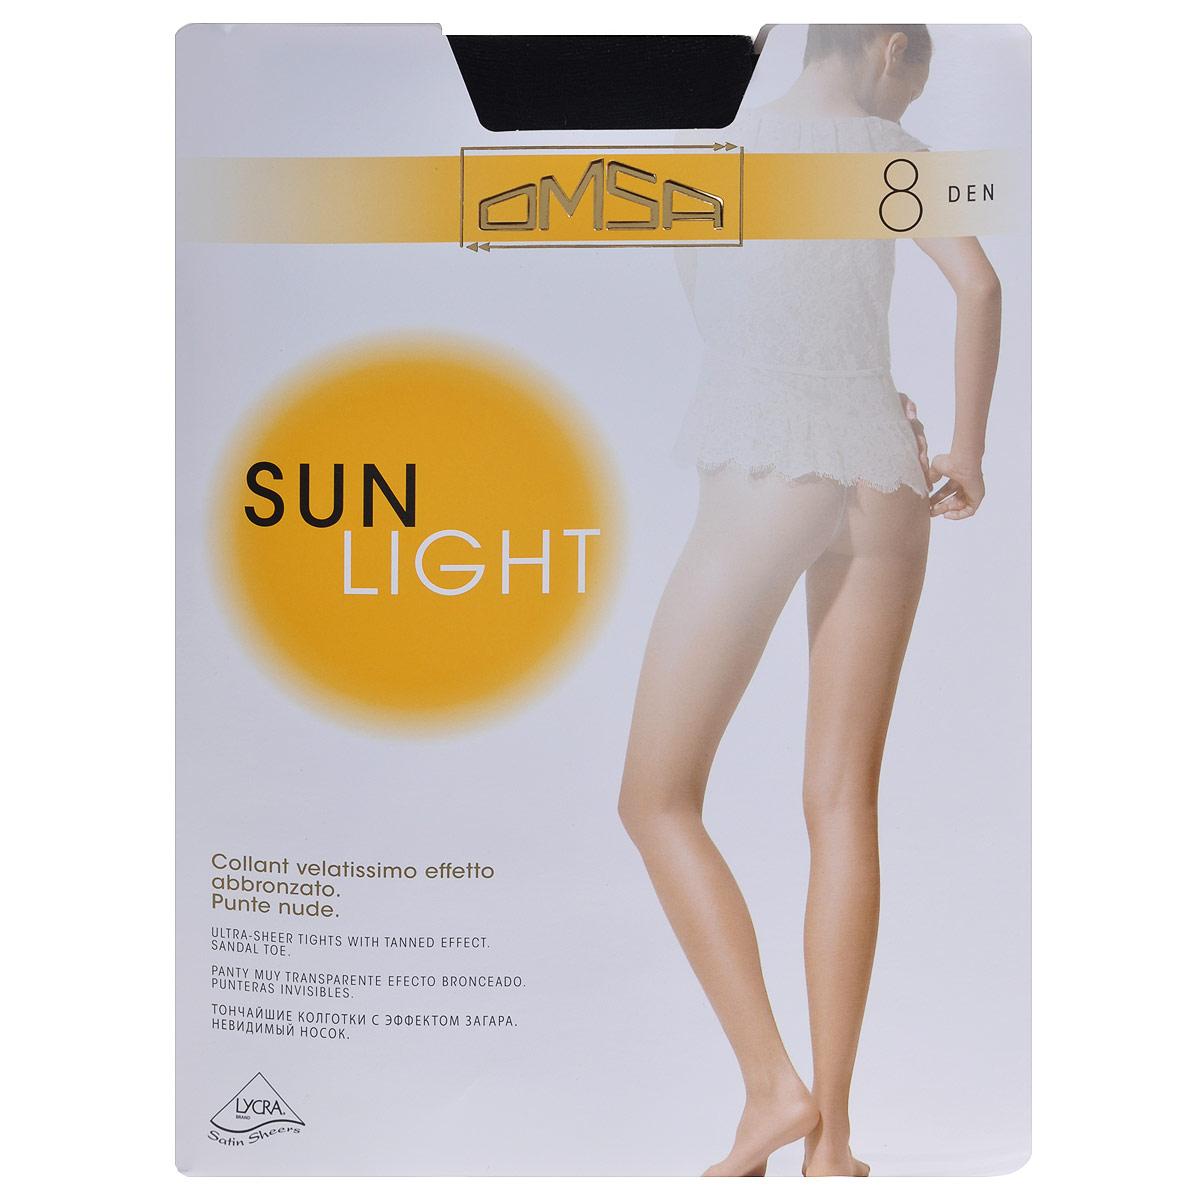 Колготки Omsa Sun Light 8. Nero (черные). Размер 4Sun Light 8_NeroТончайшие колготки с лайкрой, эффект обнаженности, удобная резинка в области талии, абсолютно прозрачный носок.Плотность: 8 ден.